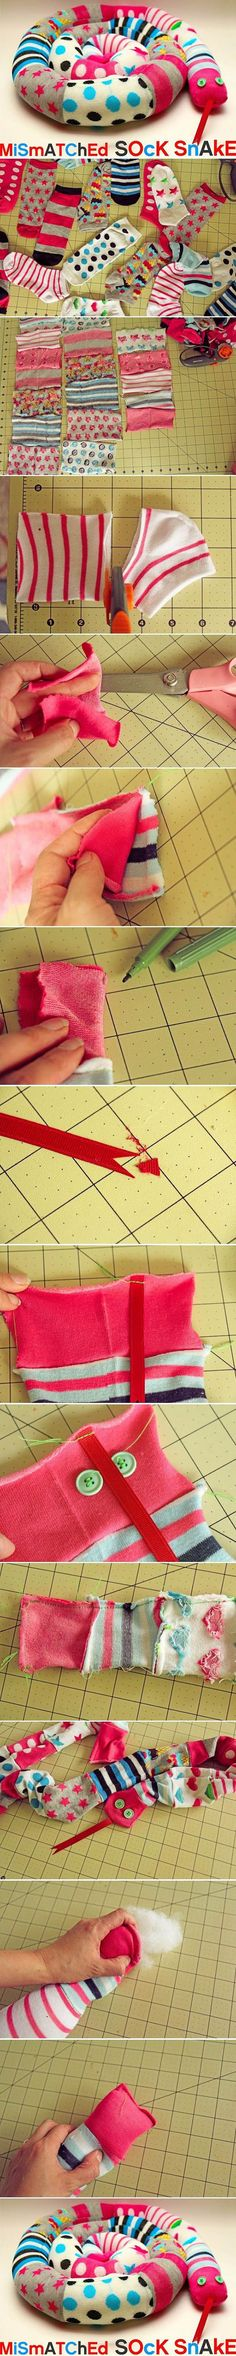 Recicla calcetines viejos para hacer graciosos peluches :)